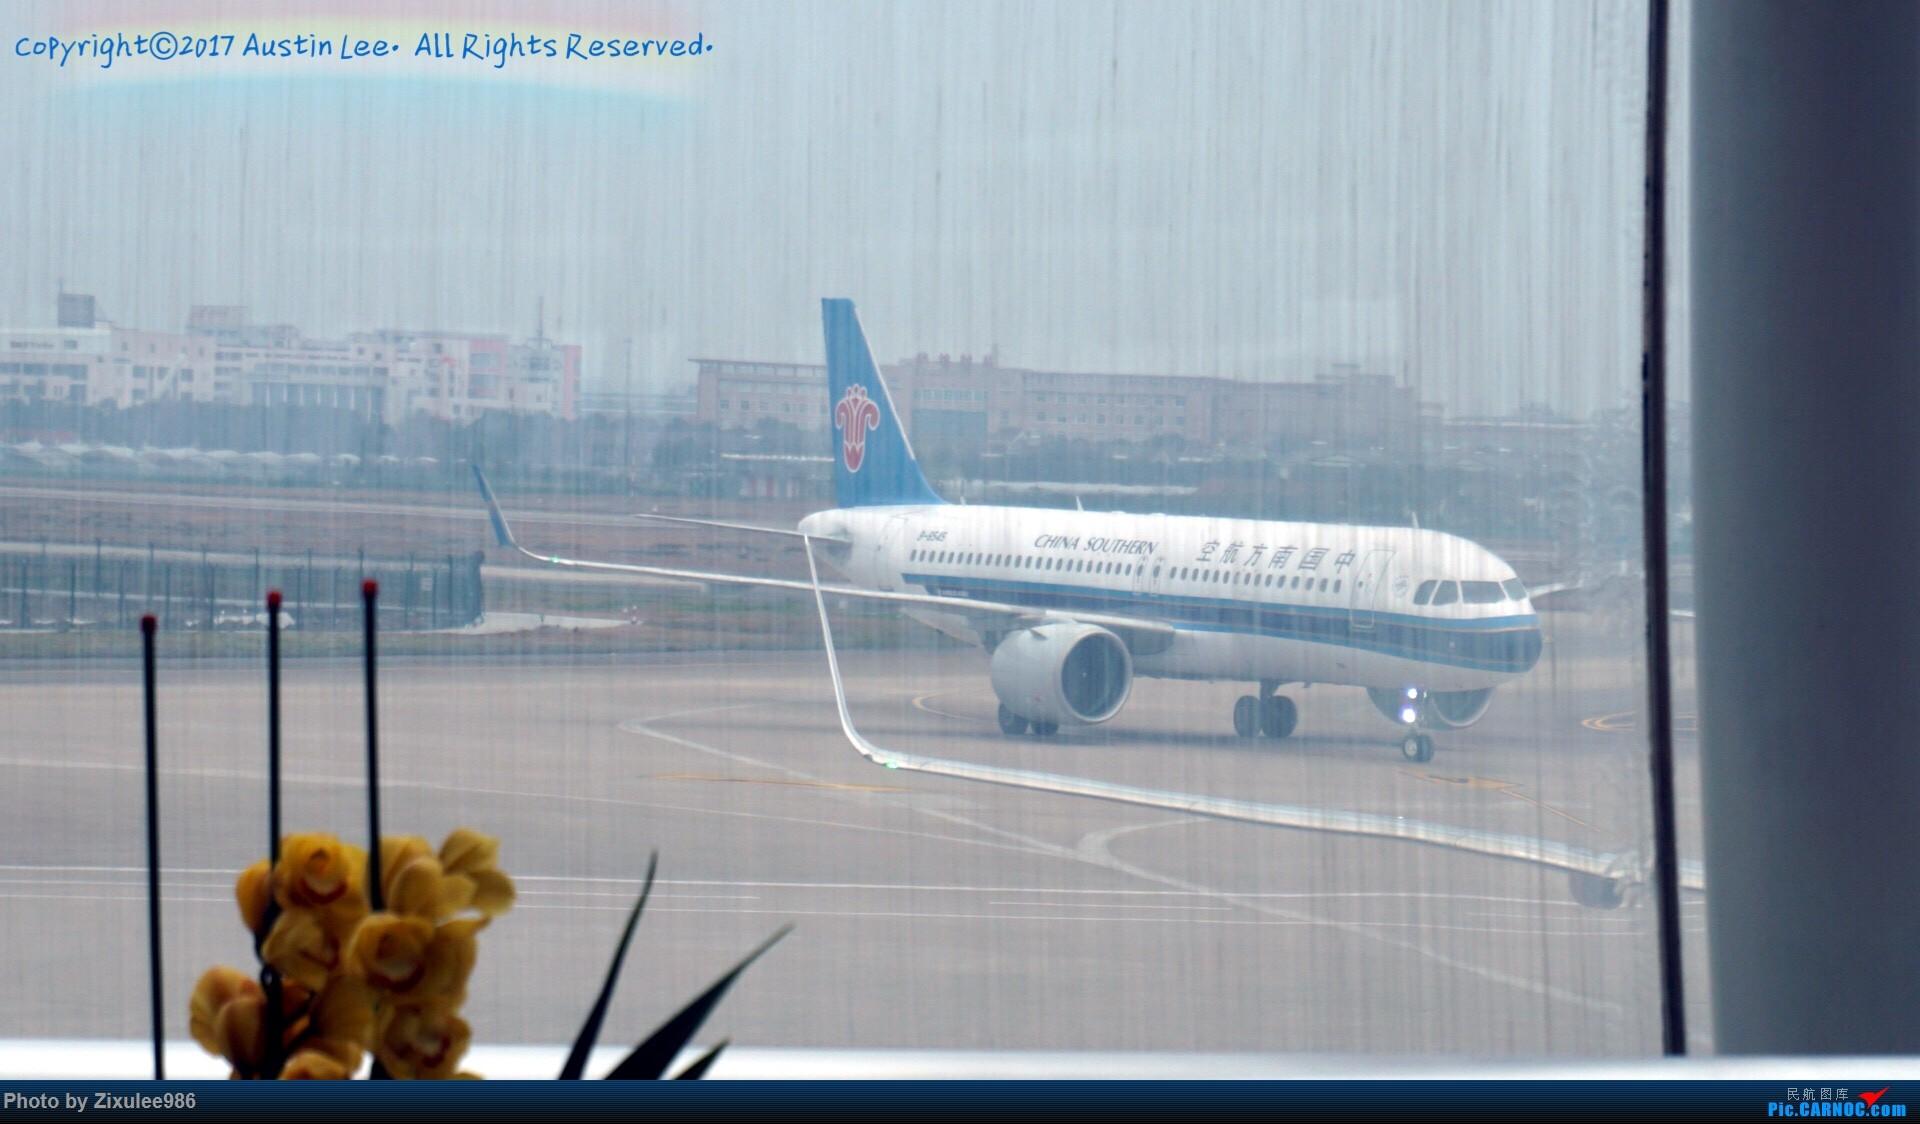 Re:[原创]论坛修复后第一波~三年来旅游途中的拍机精选~不定时更新 AIRBUS A320-271N B-8545 中国宁波栎社国际机场